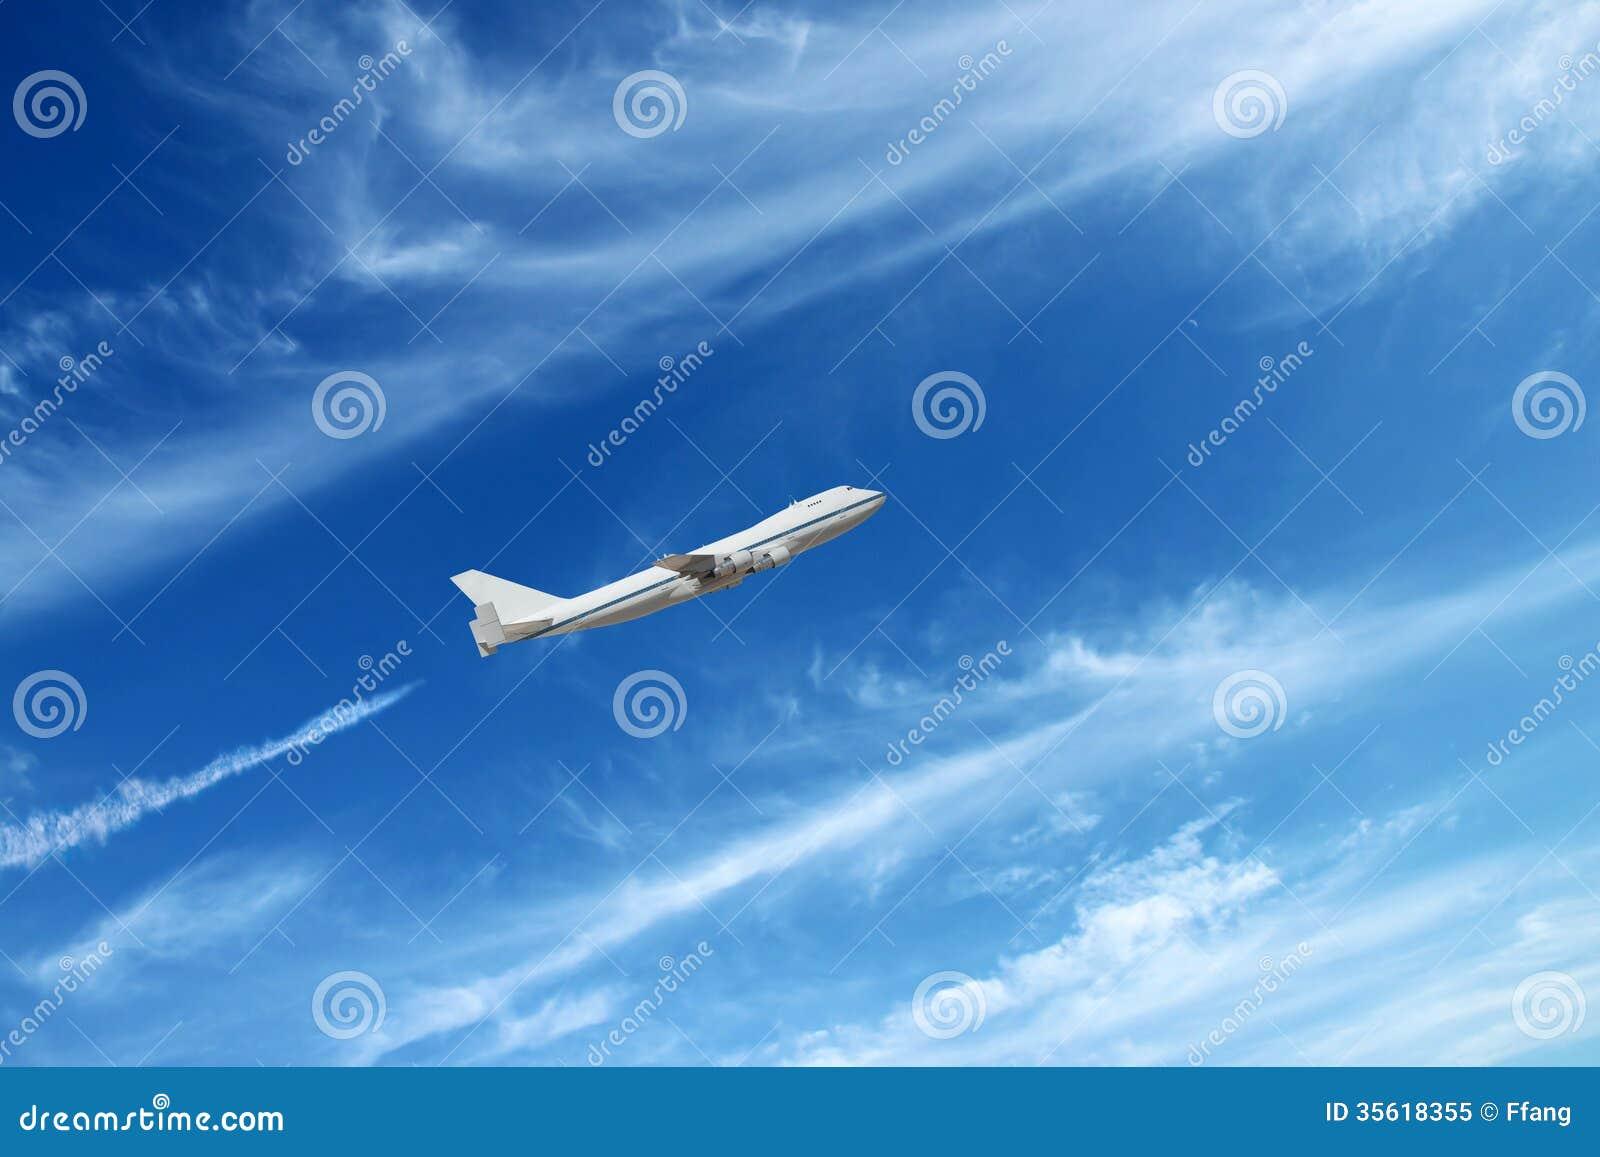 B.o.B – Airplanes Lyrics | Genius Lyrics